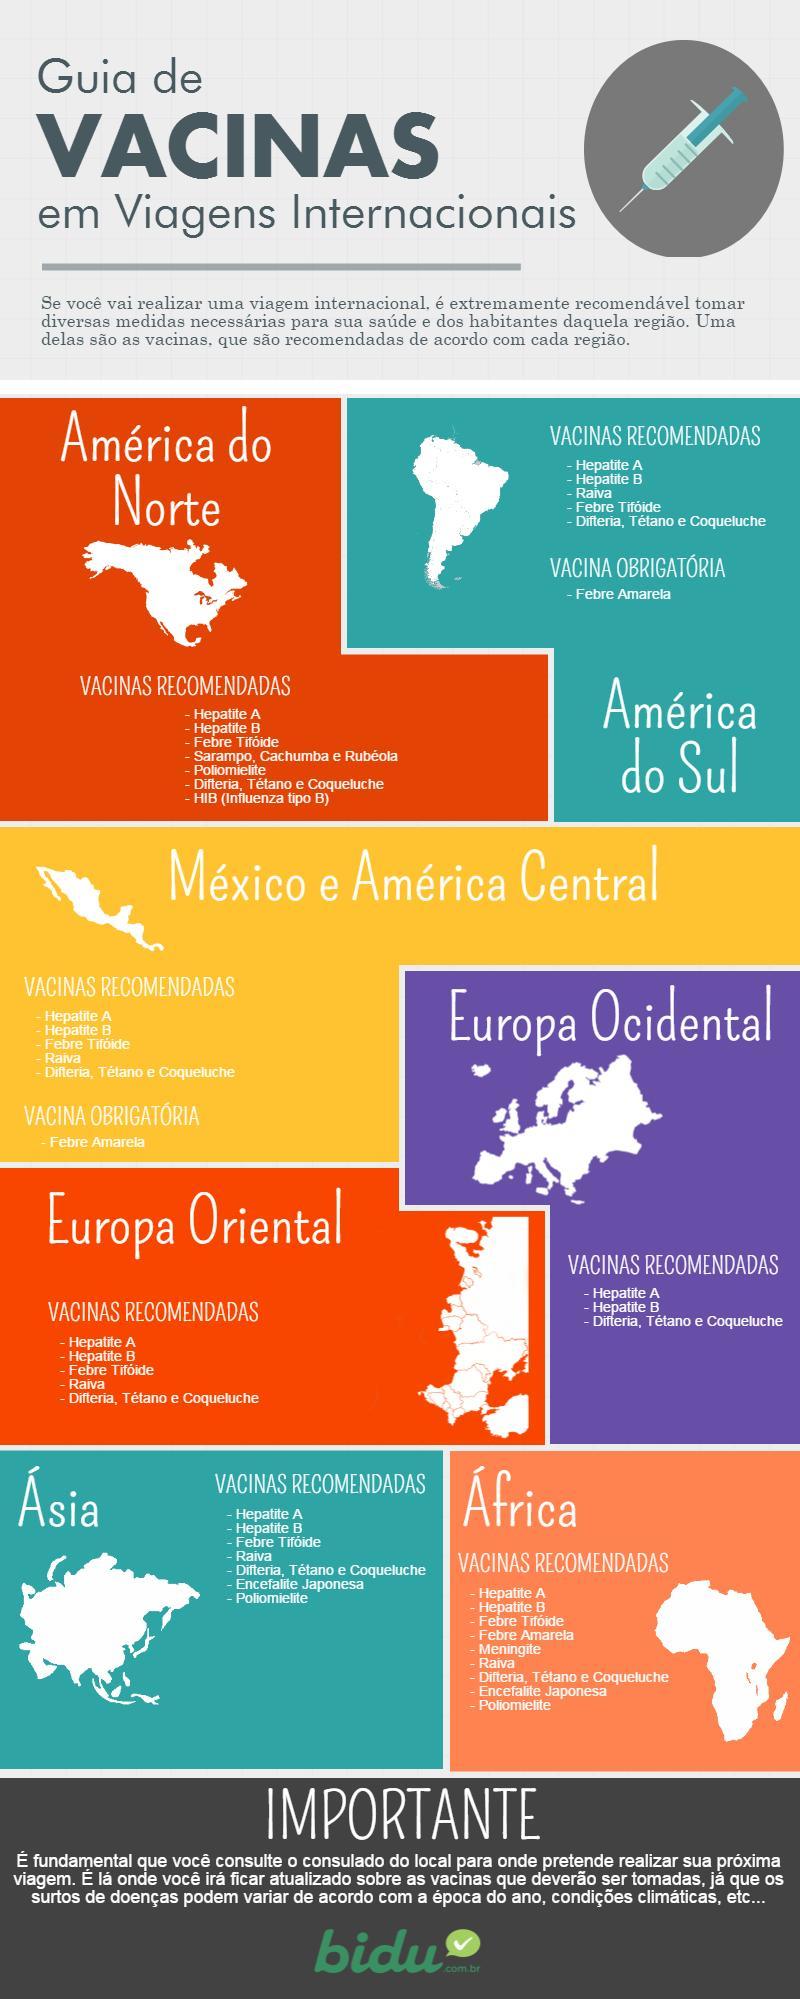 Infográfico com informações sobre as vacinas para tomar em viagens internacionais